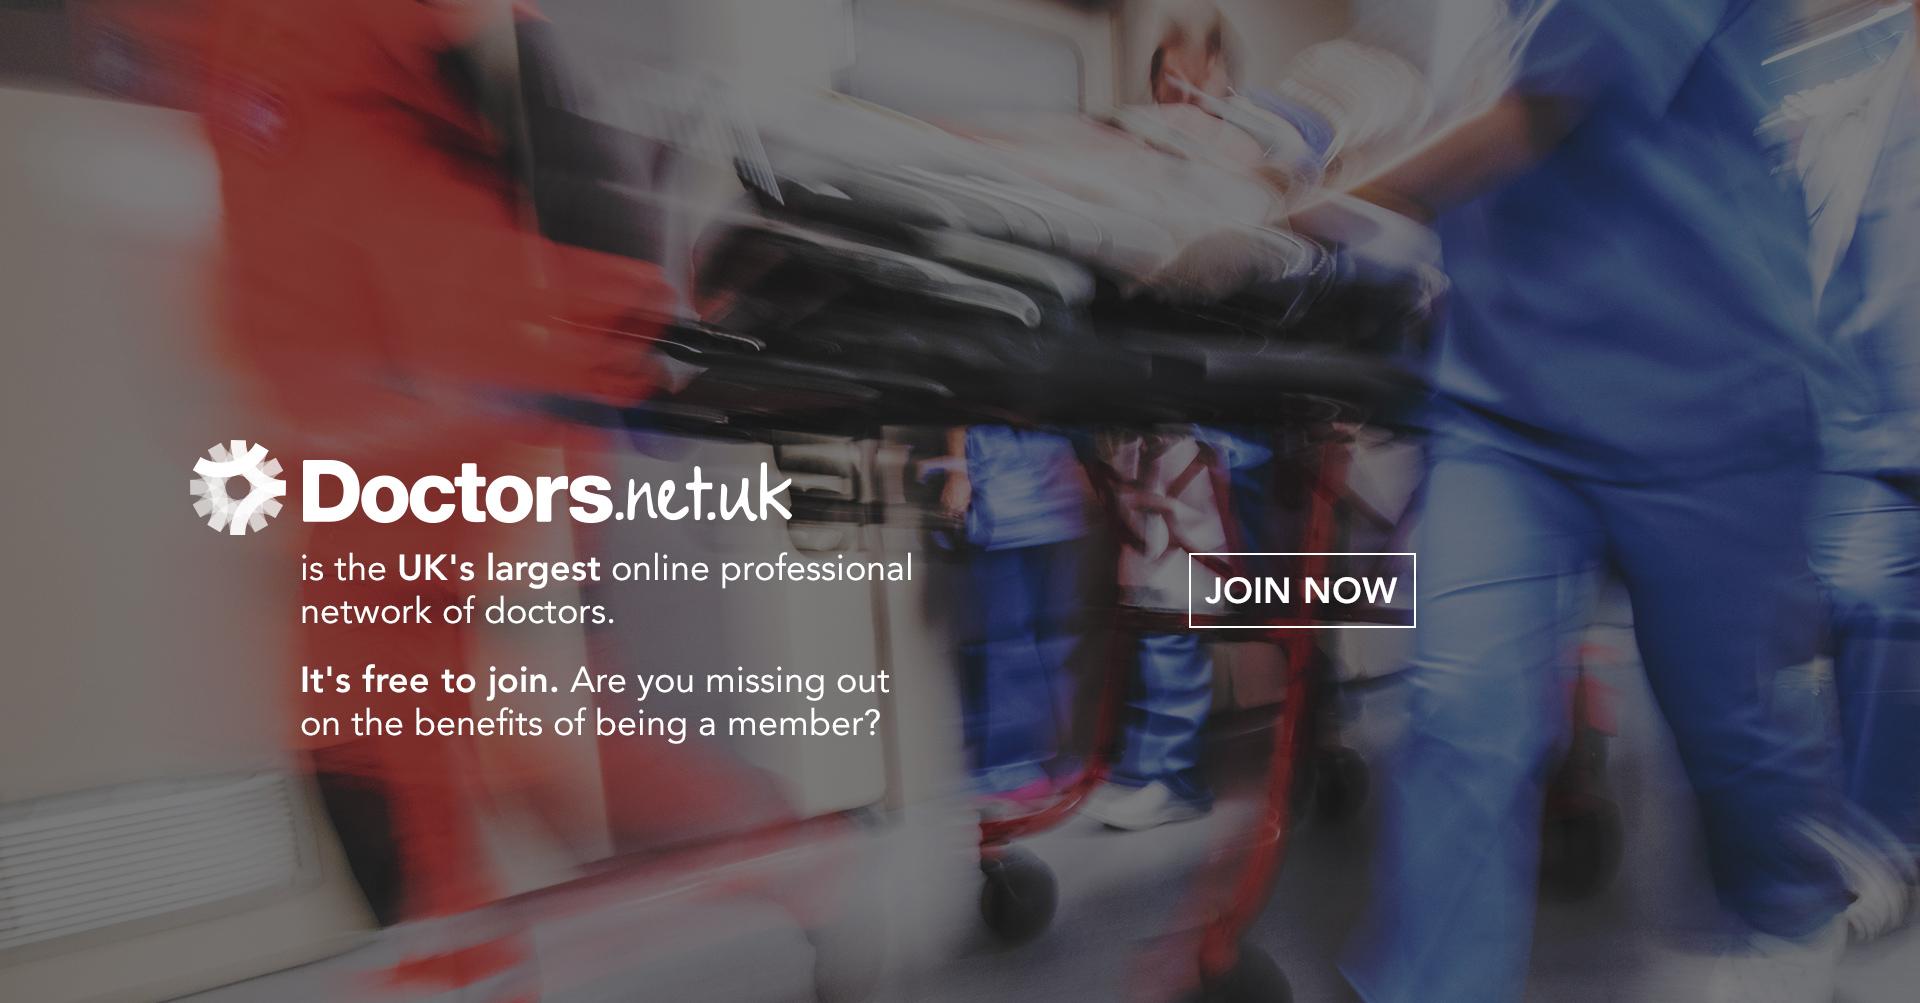 Doctors.net